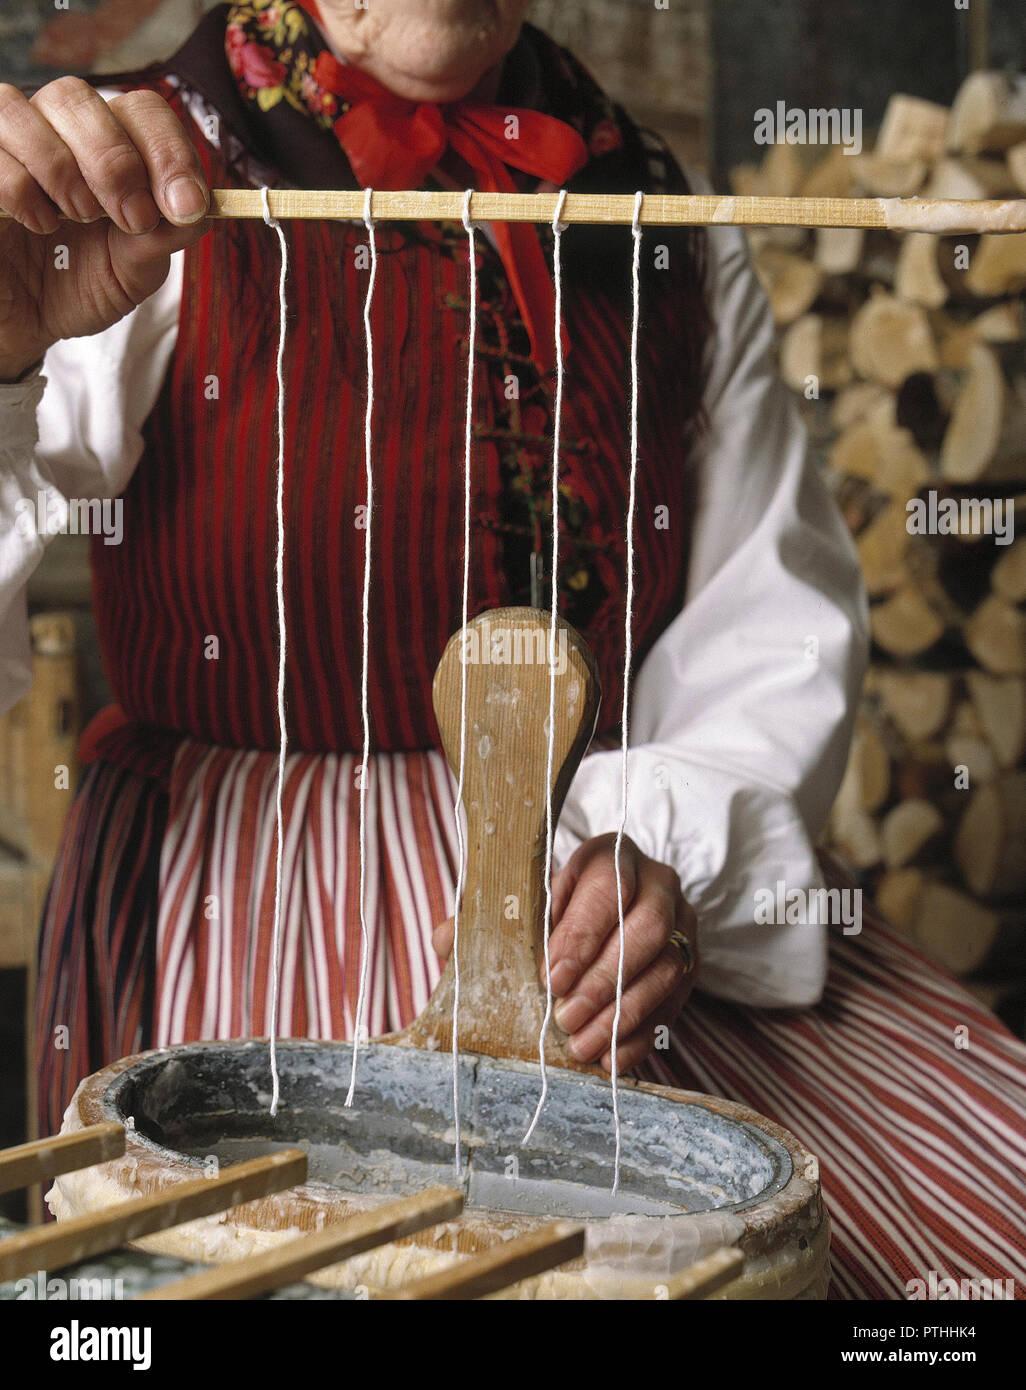 Kerzen machen. Eine Frau in der traditionellen schwedischen Tracht gekleidet sind Kerzen machen. Sie taucht die kerzendochten in die Flüssigkeit stearin viele Male, und Layer hinzufügen auf Schicht aus Stearin auf den Candel, bis er fertig ist. Stockbild